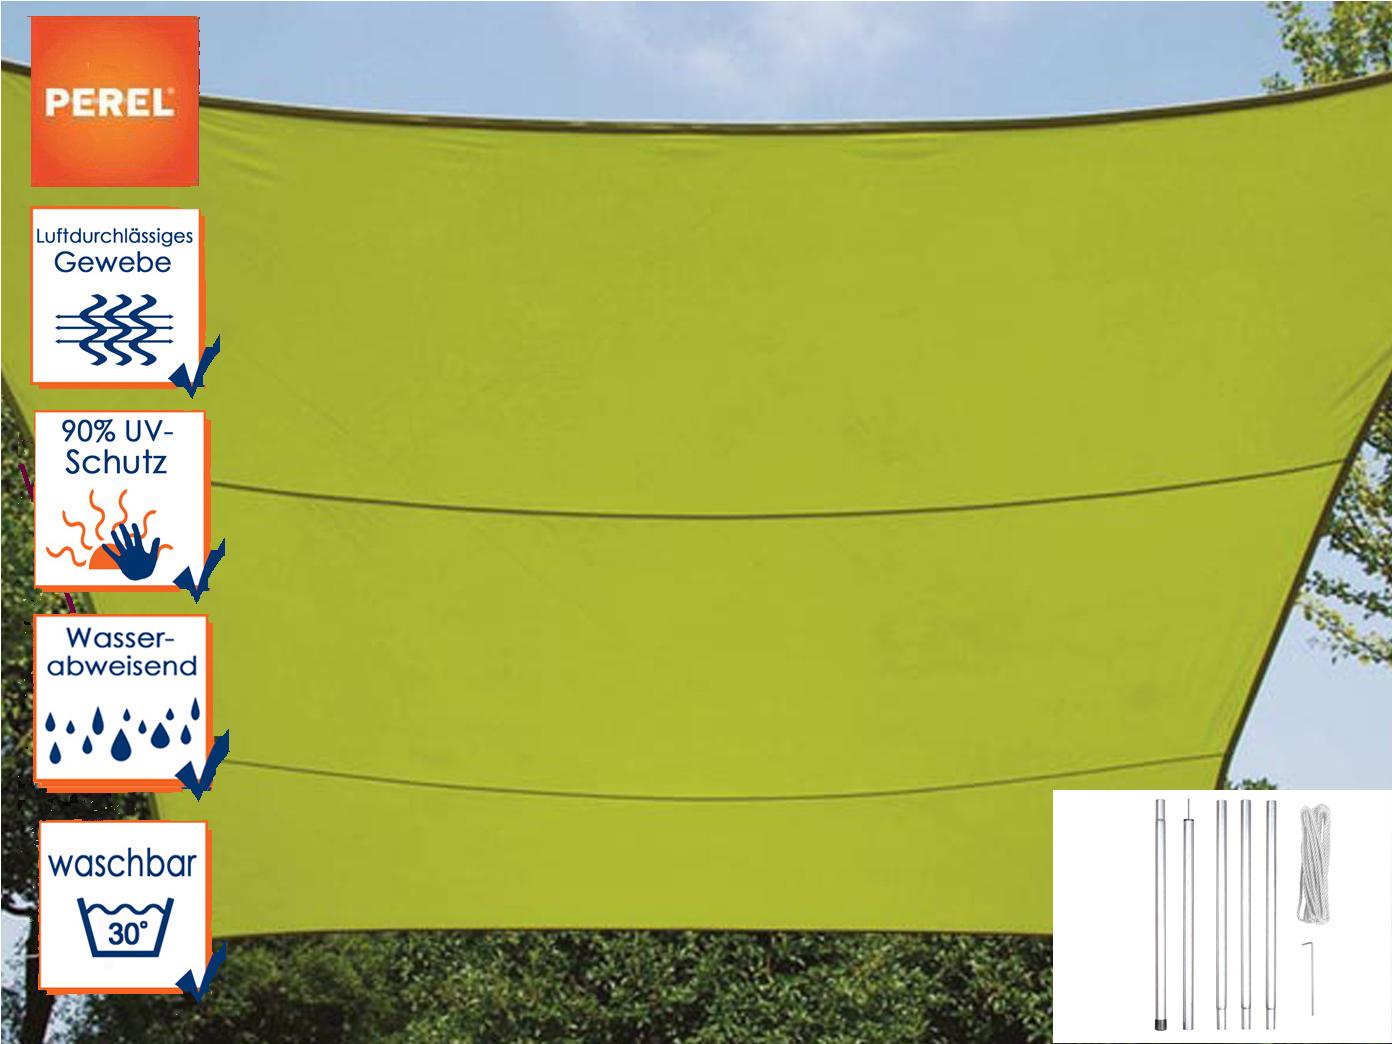 Full Size of Sonnensegel Garten Ecksofa Mini Pool Hängesessel Bewässerungssysteme Test Ausziehtisch Loungemöbel Paravent Whirlpool Aufblasbar Lounge Möbel Kandelaber Garten Sonnensegel Garten